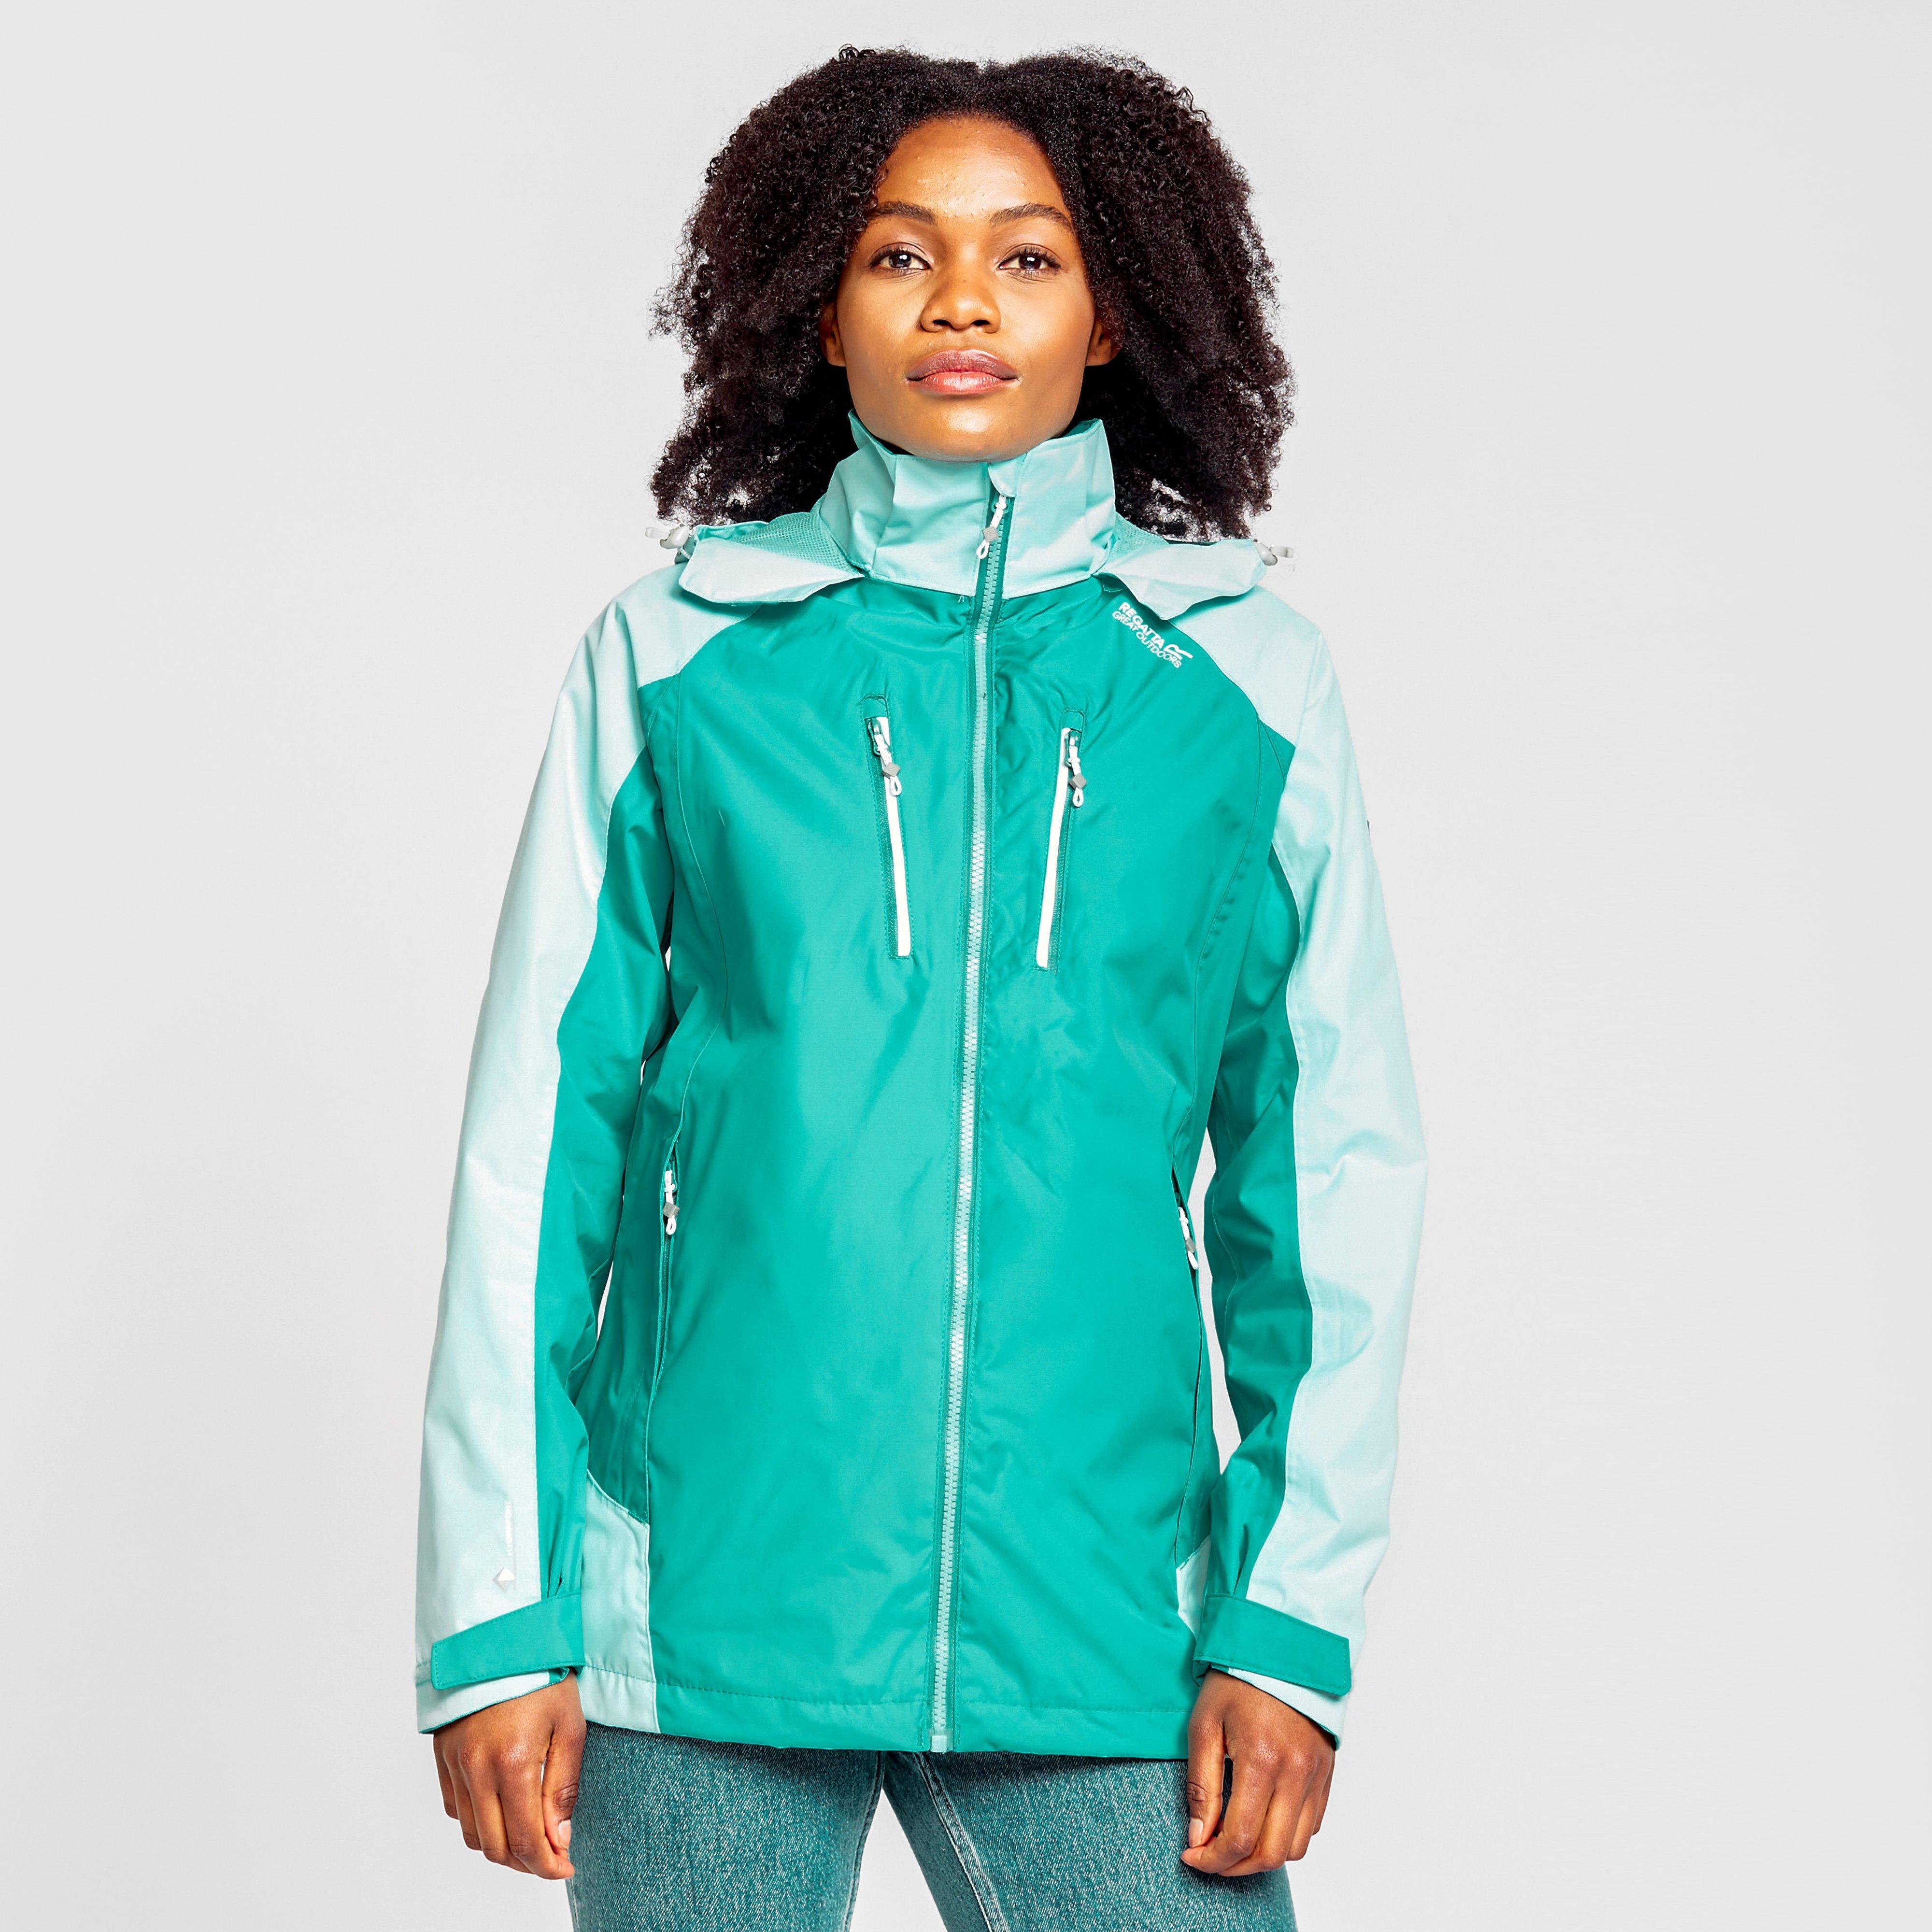 Regatta Women's Calderdale Iv Waterproof Jacket - Jk/Jk, JK/JK